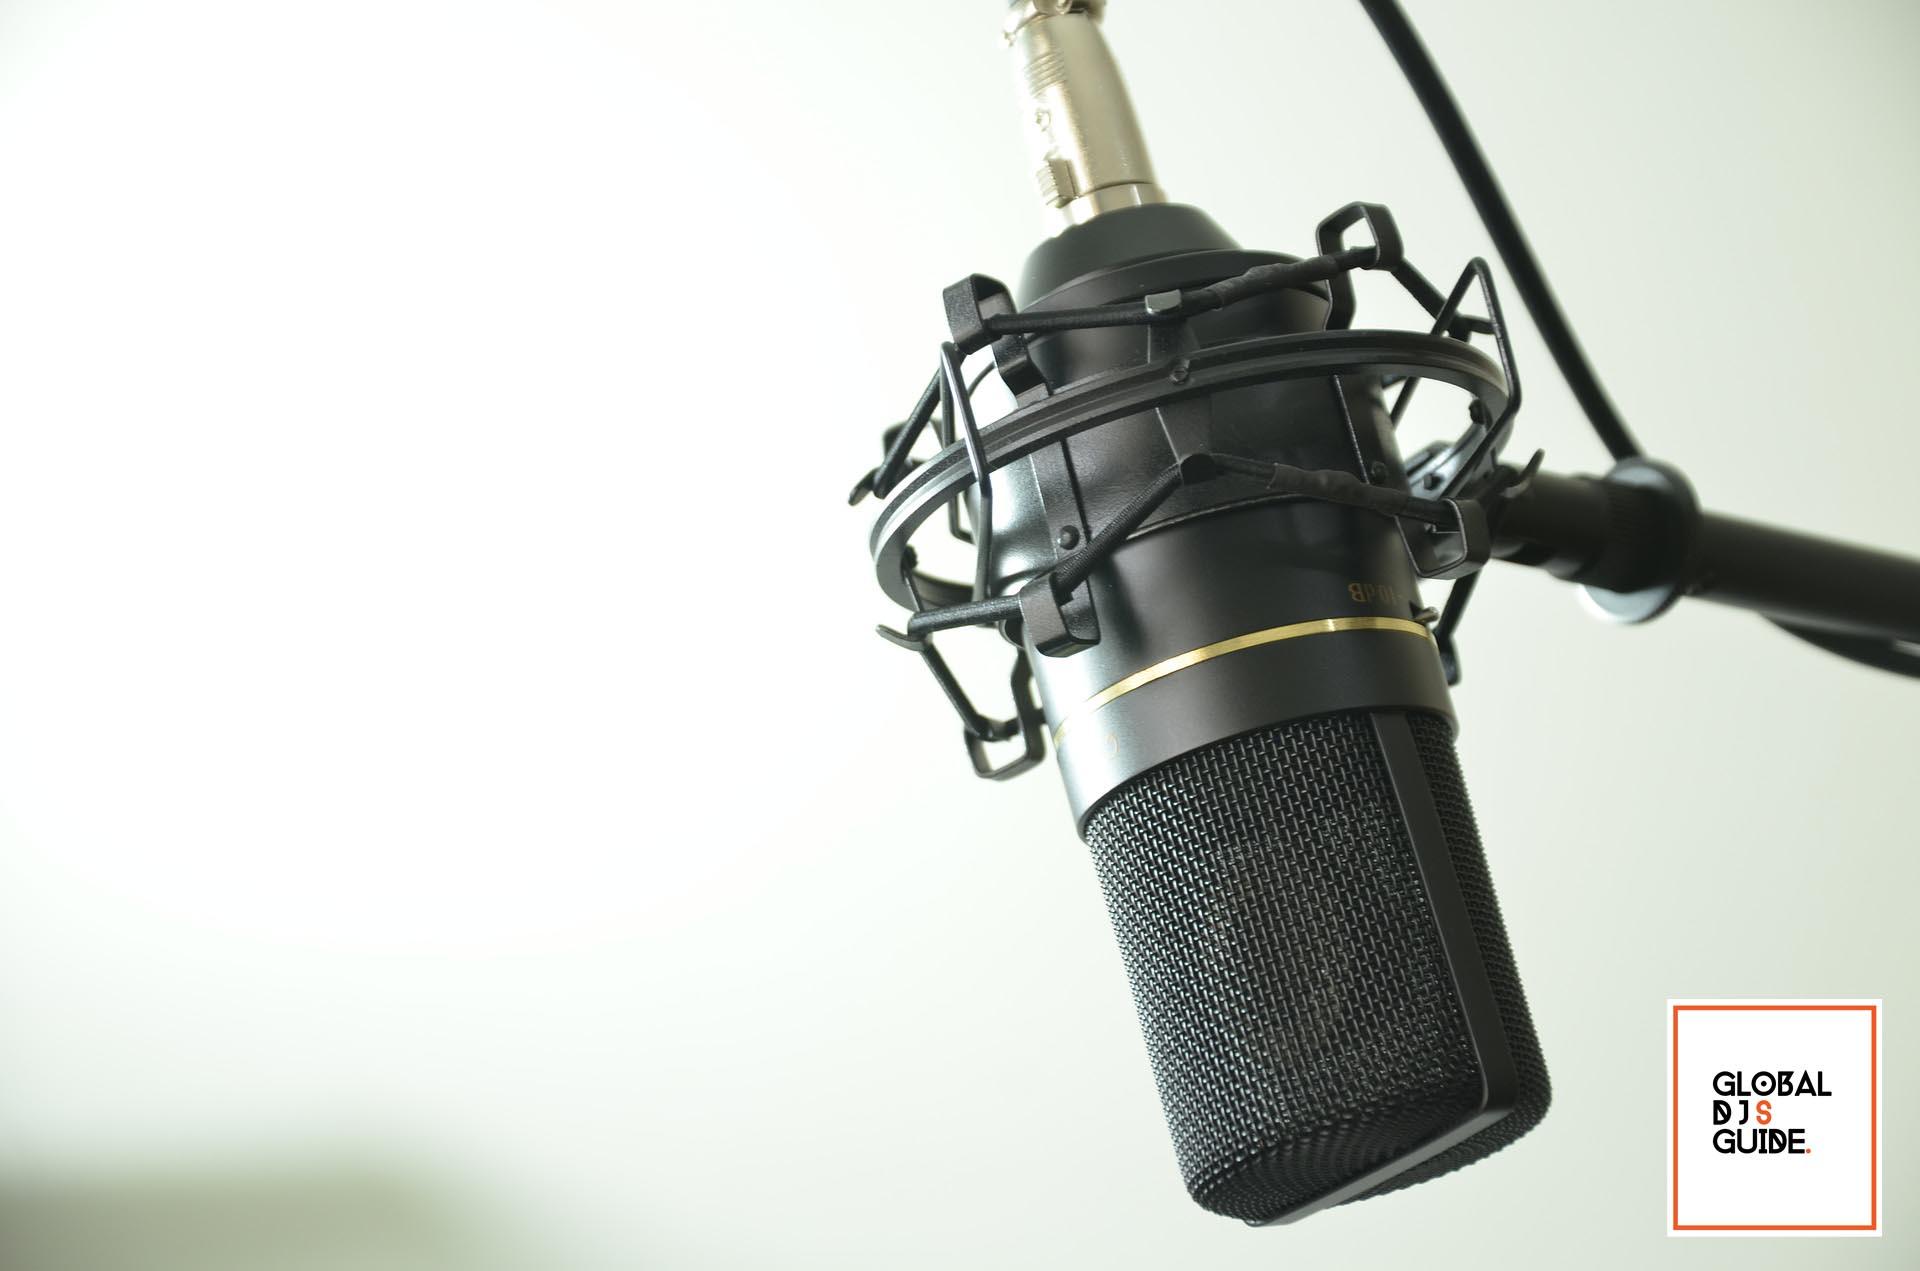 The best studio microphones under $300